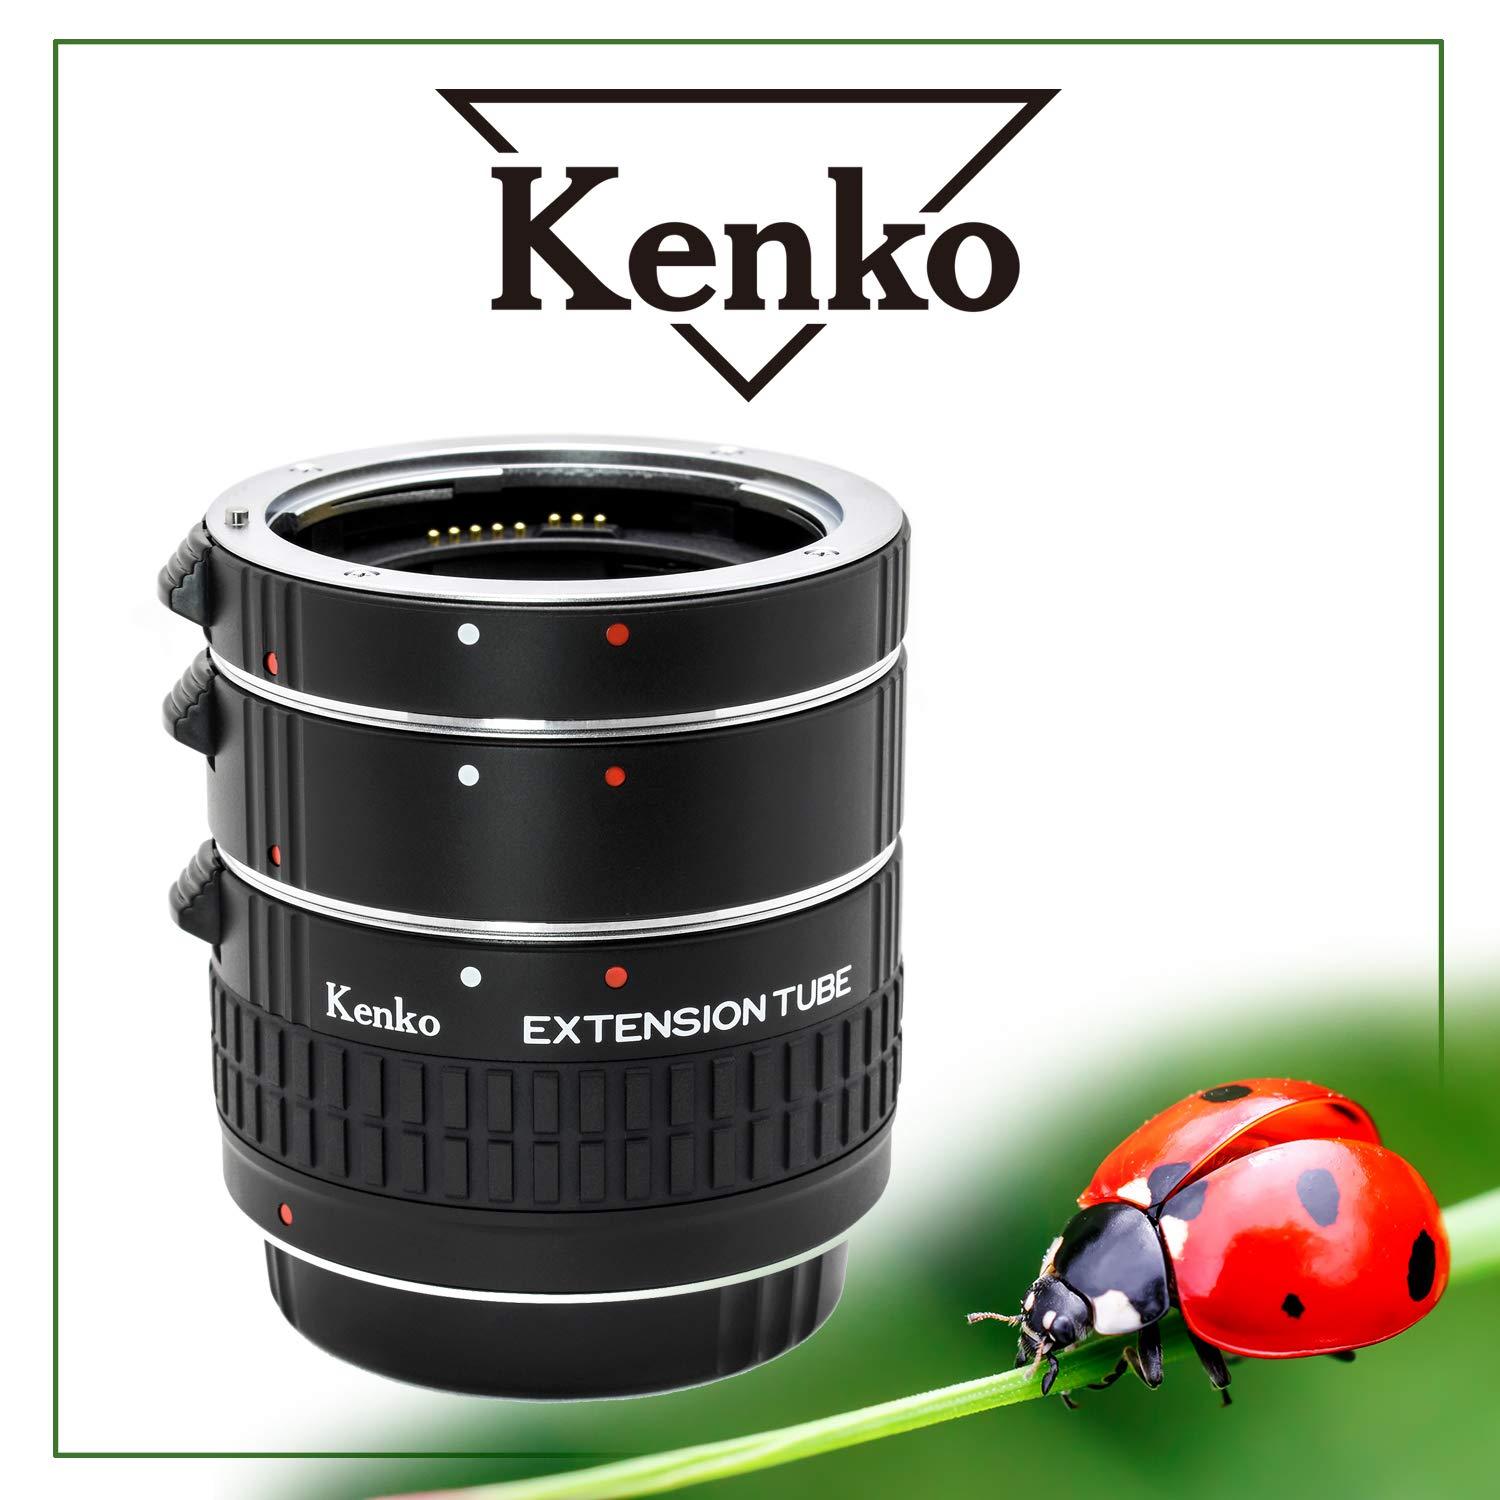 Kenko Auto Extension Tube Set DG for Canon EOS Lenses A-EXTUBEDG-C by Kenko